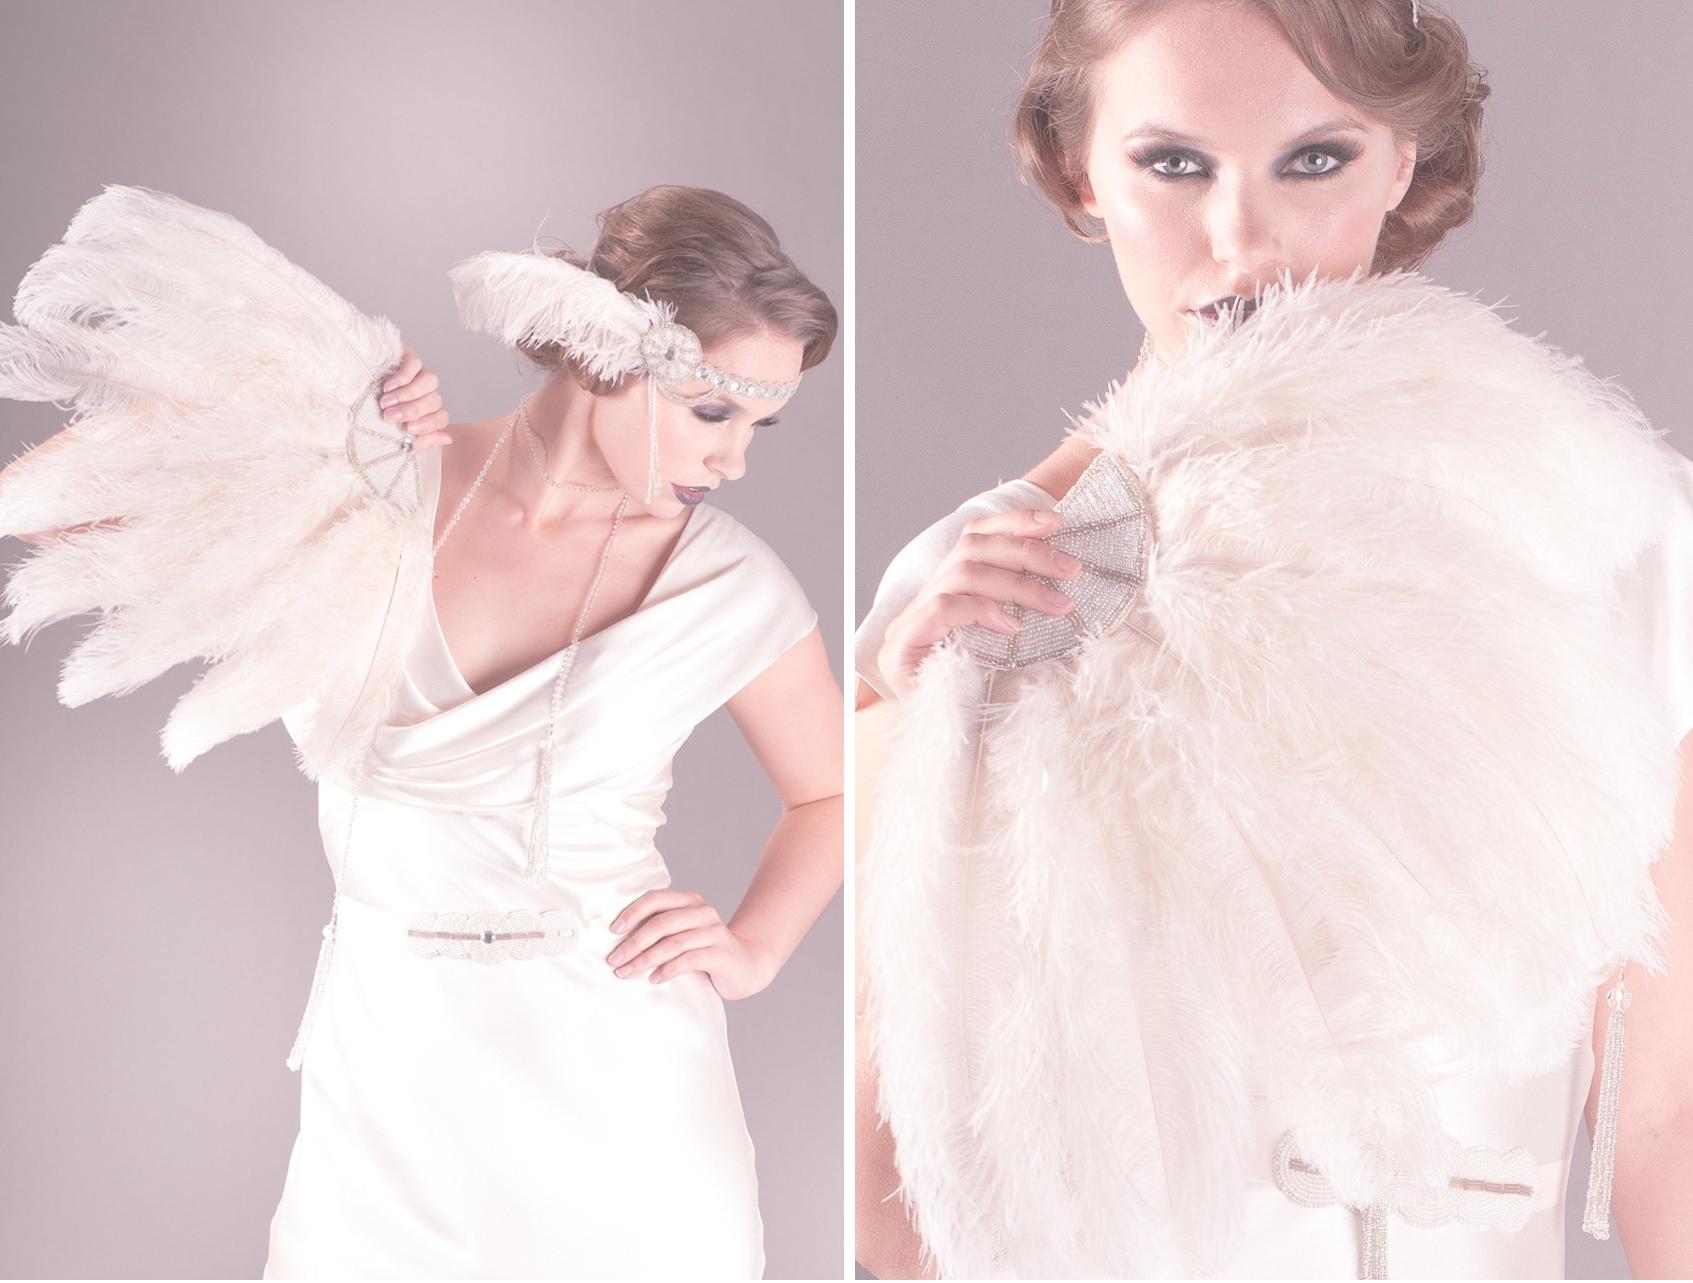 Jessie from Britten's 2013 Collection